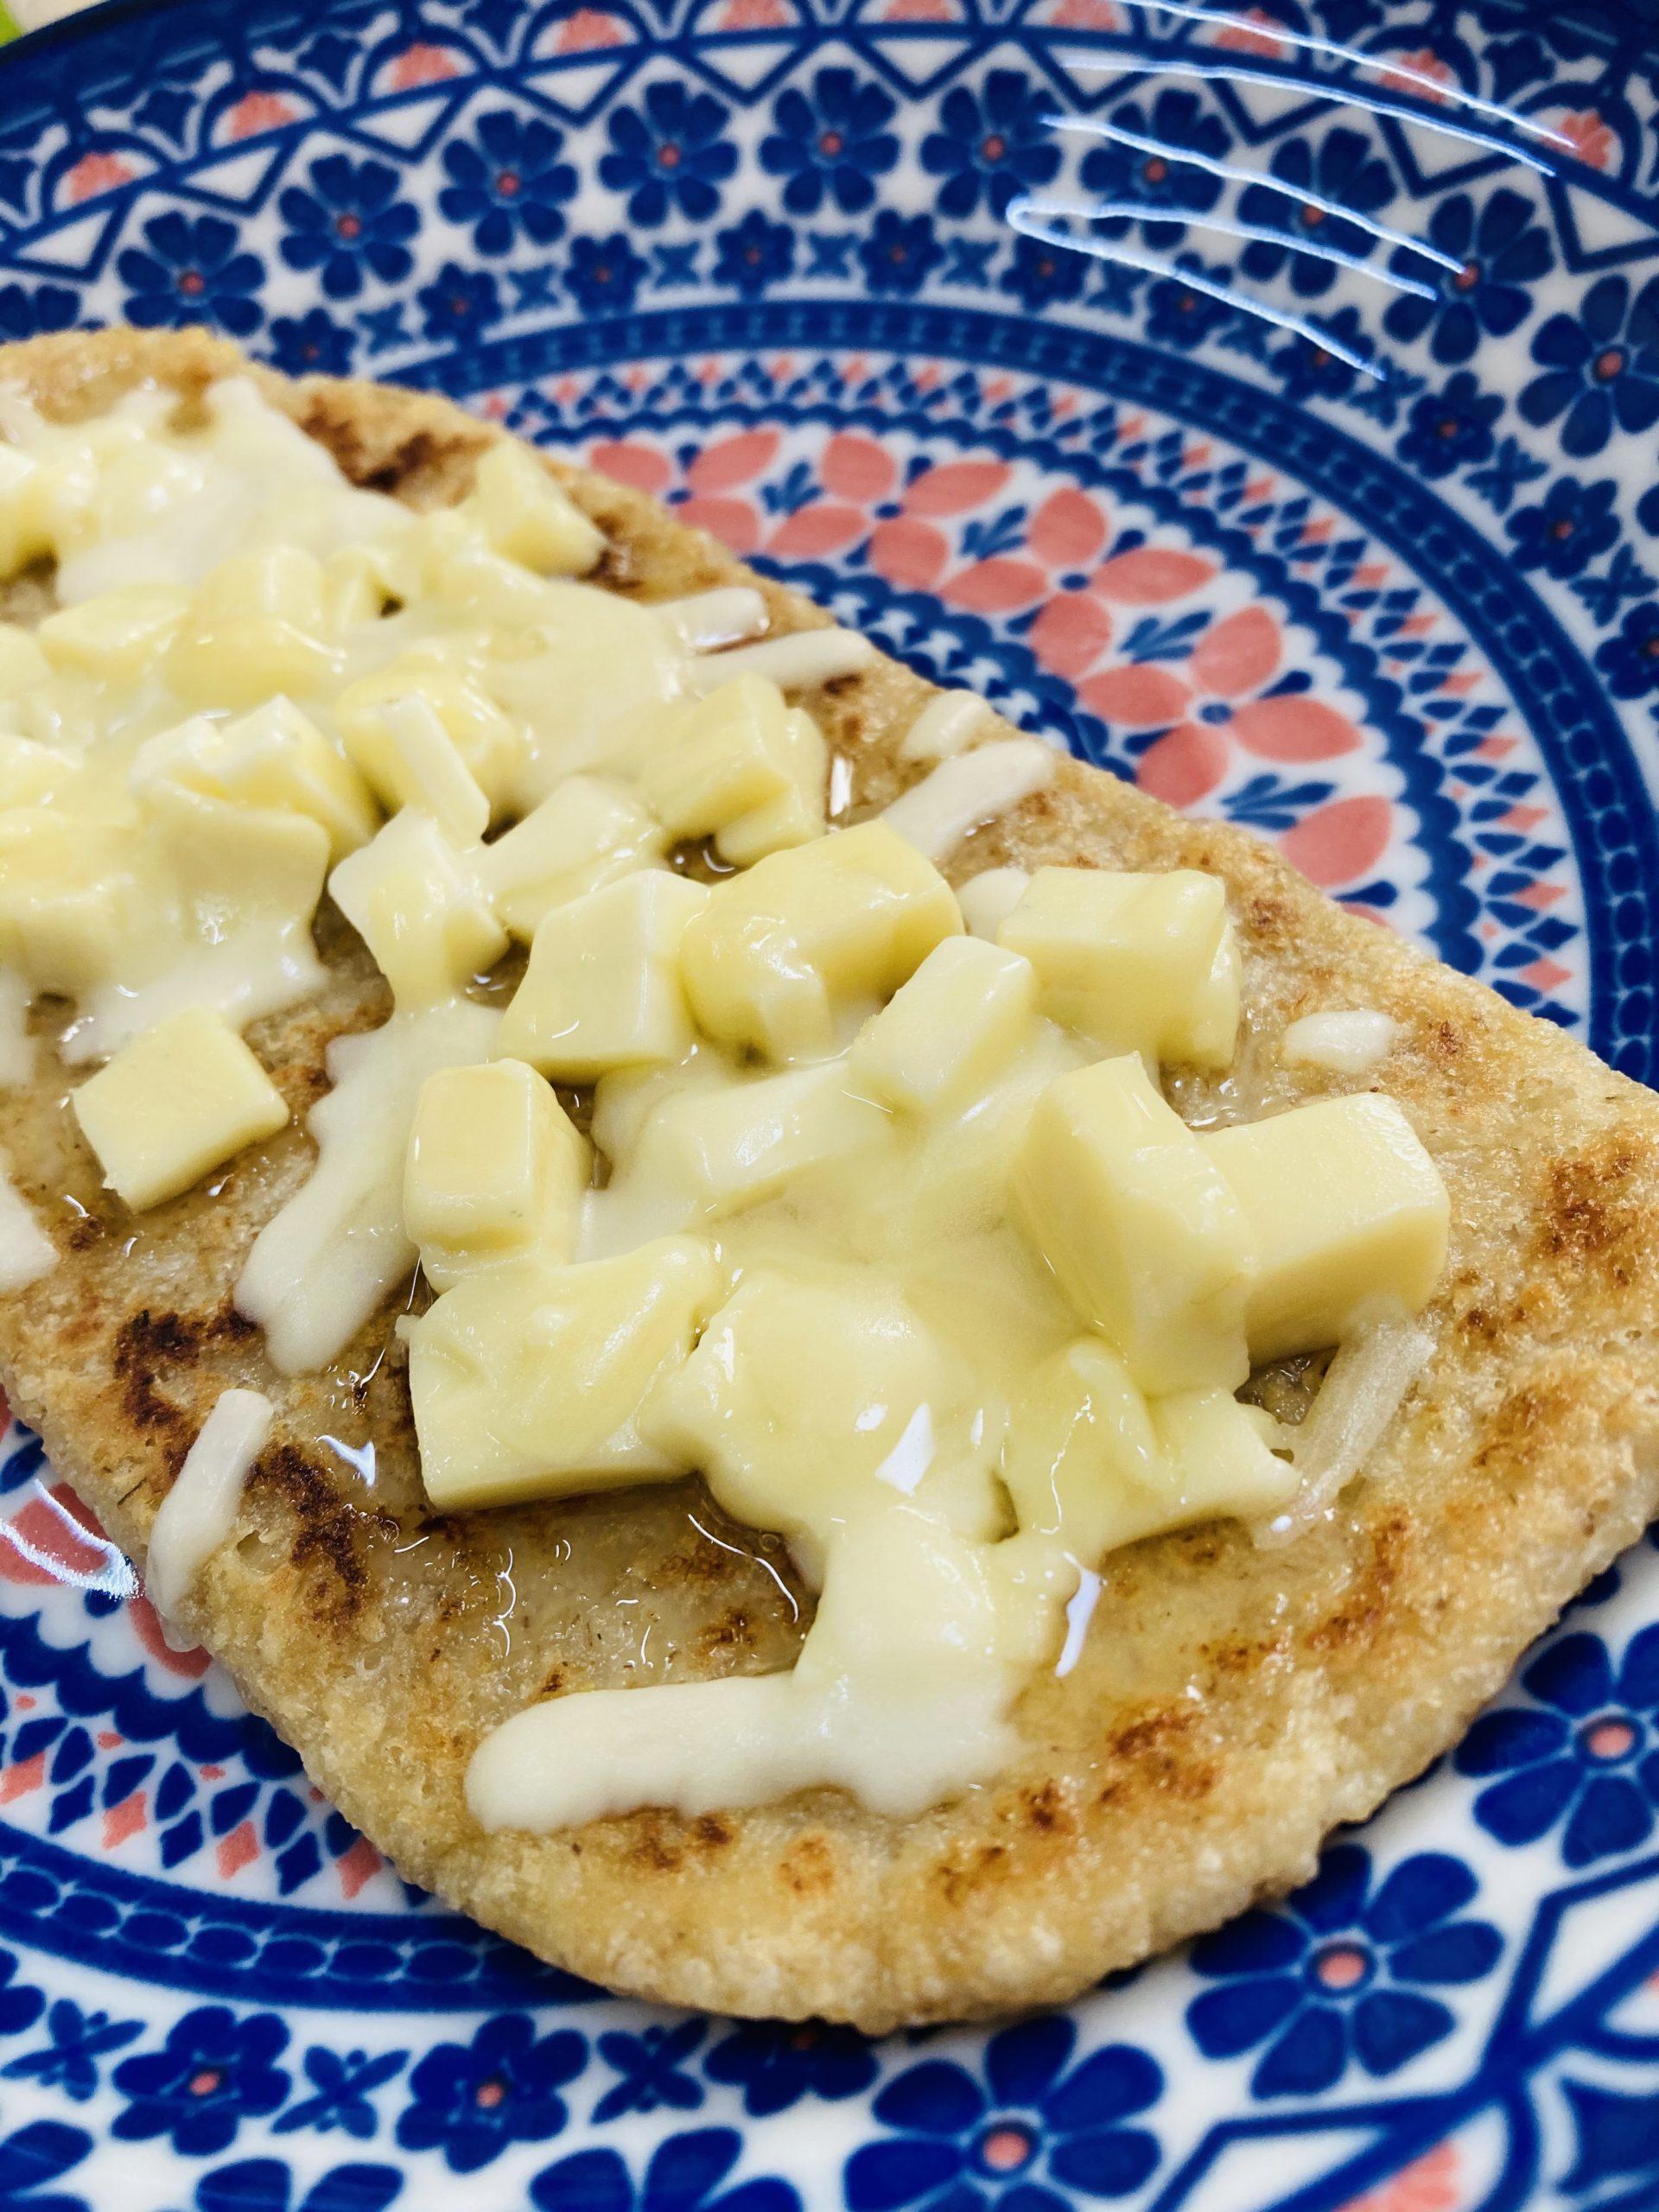 オートミール3種のチーズはちみつピザ